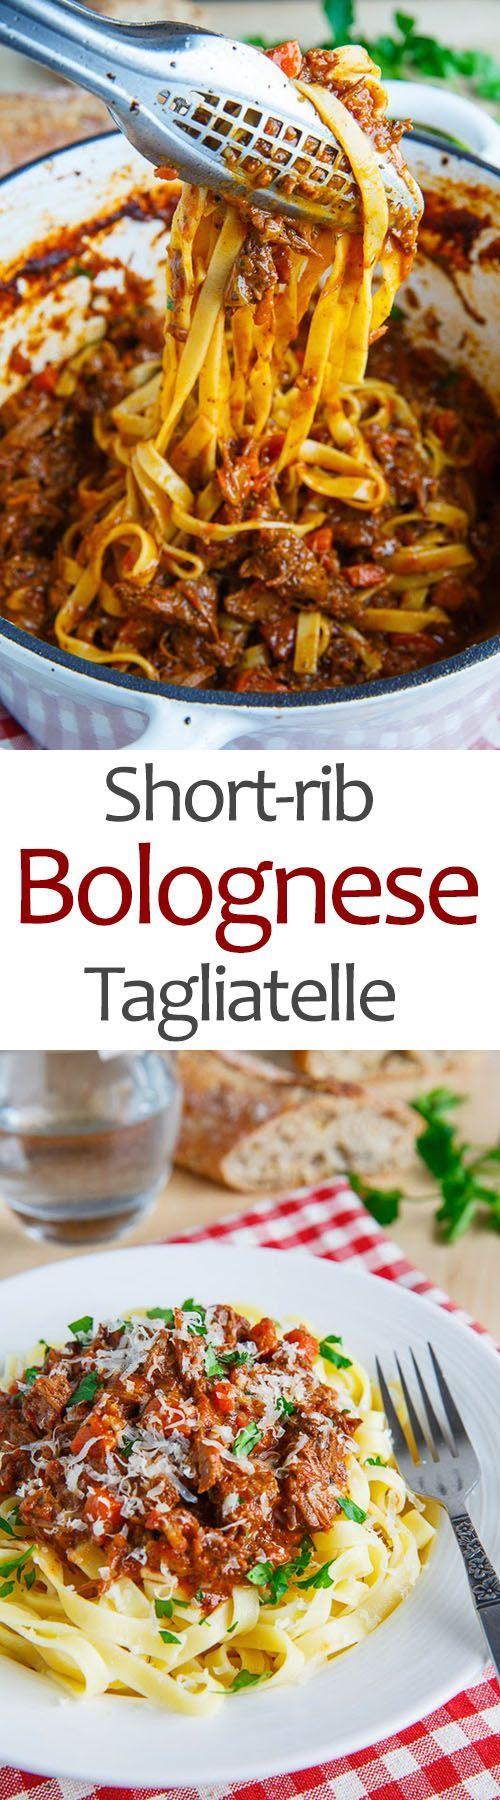 Short-rib Bolognese Tagliatelle